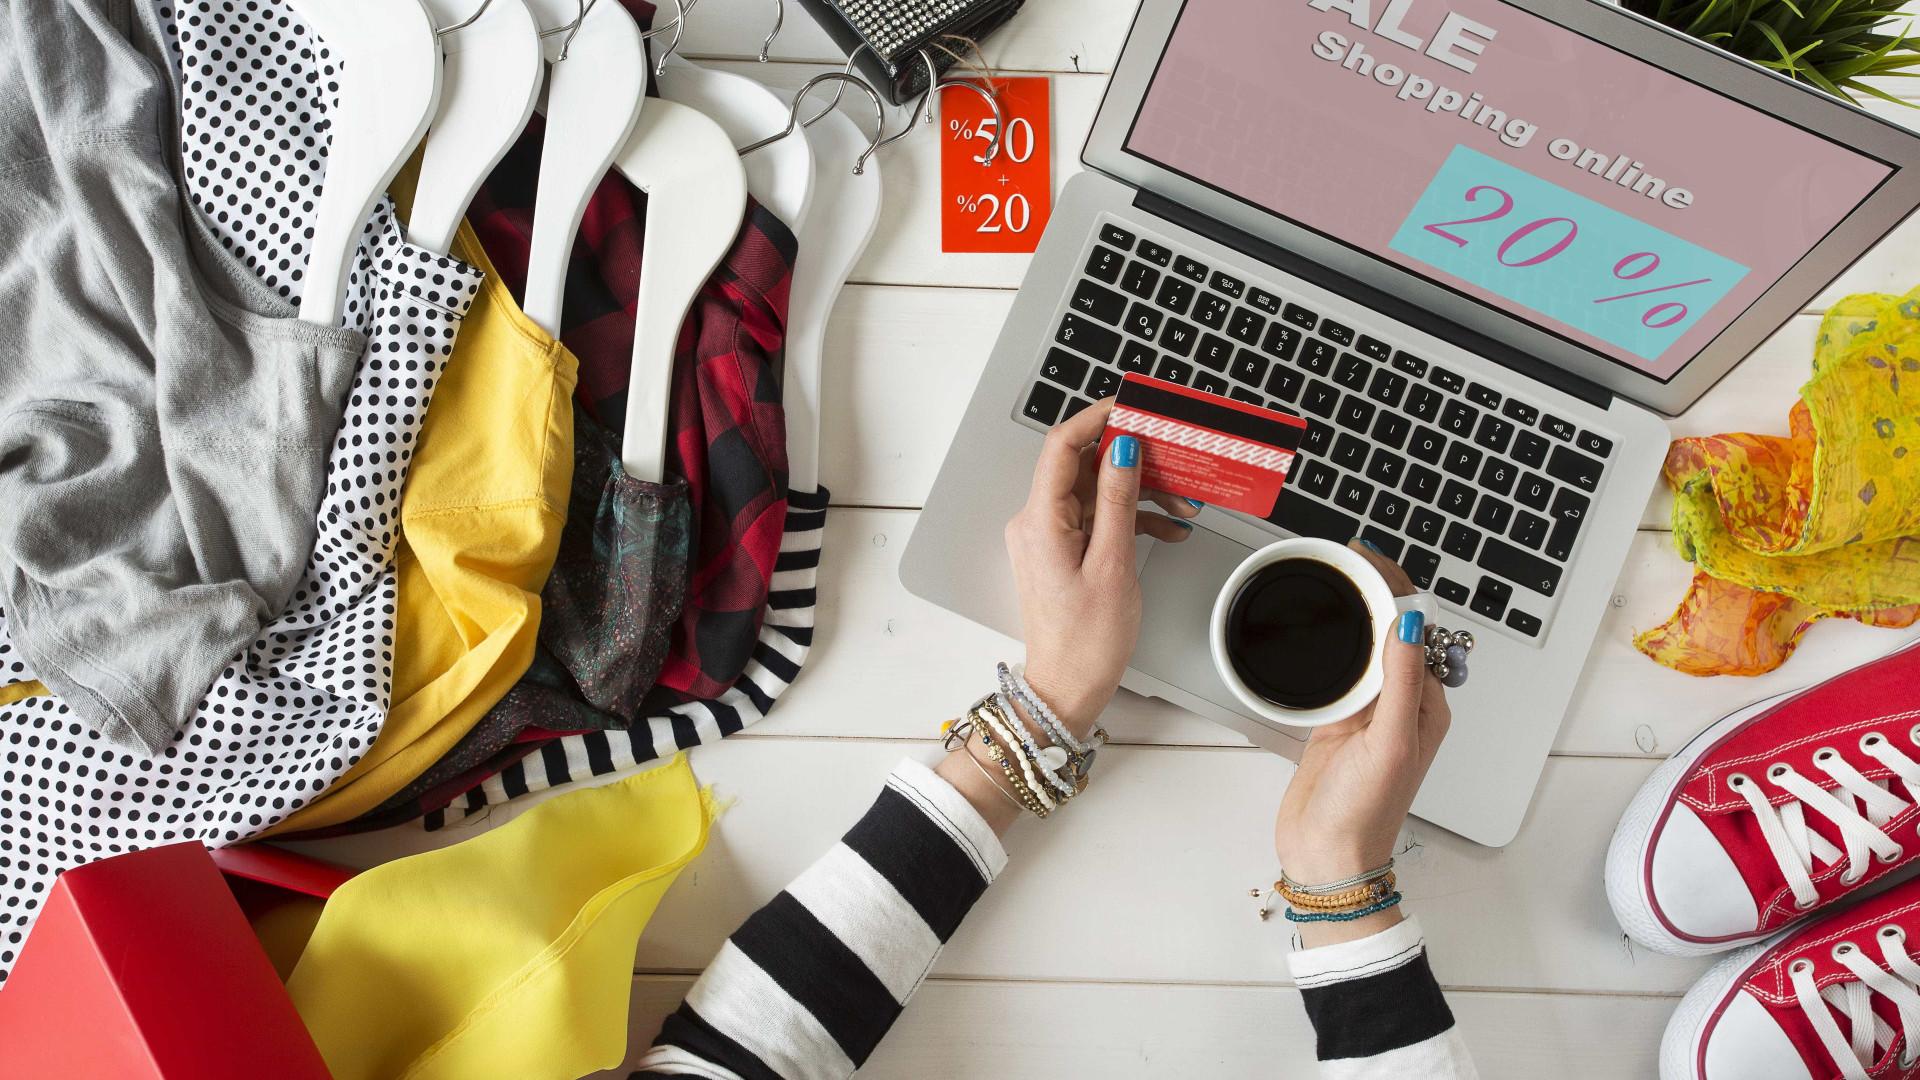 Compras online dos portugueses quase triplicam entre 2012 e 2018